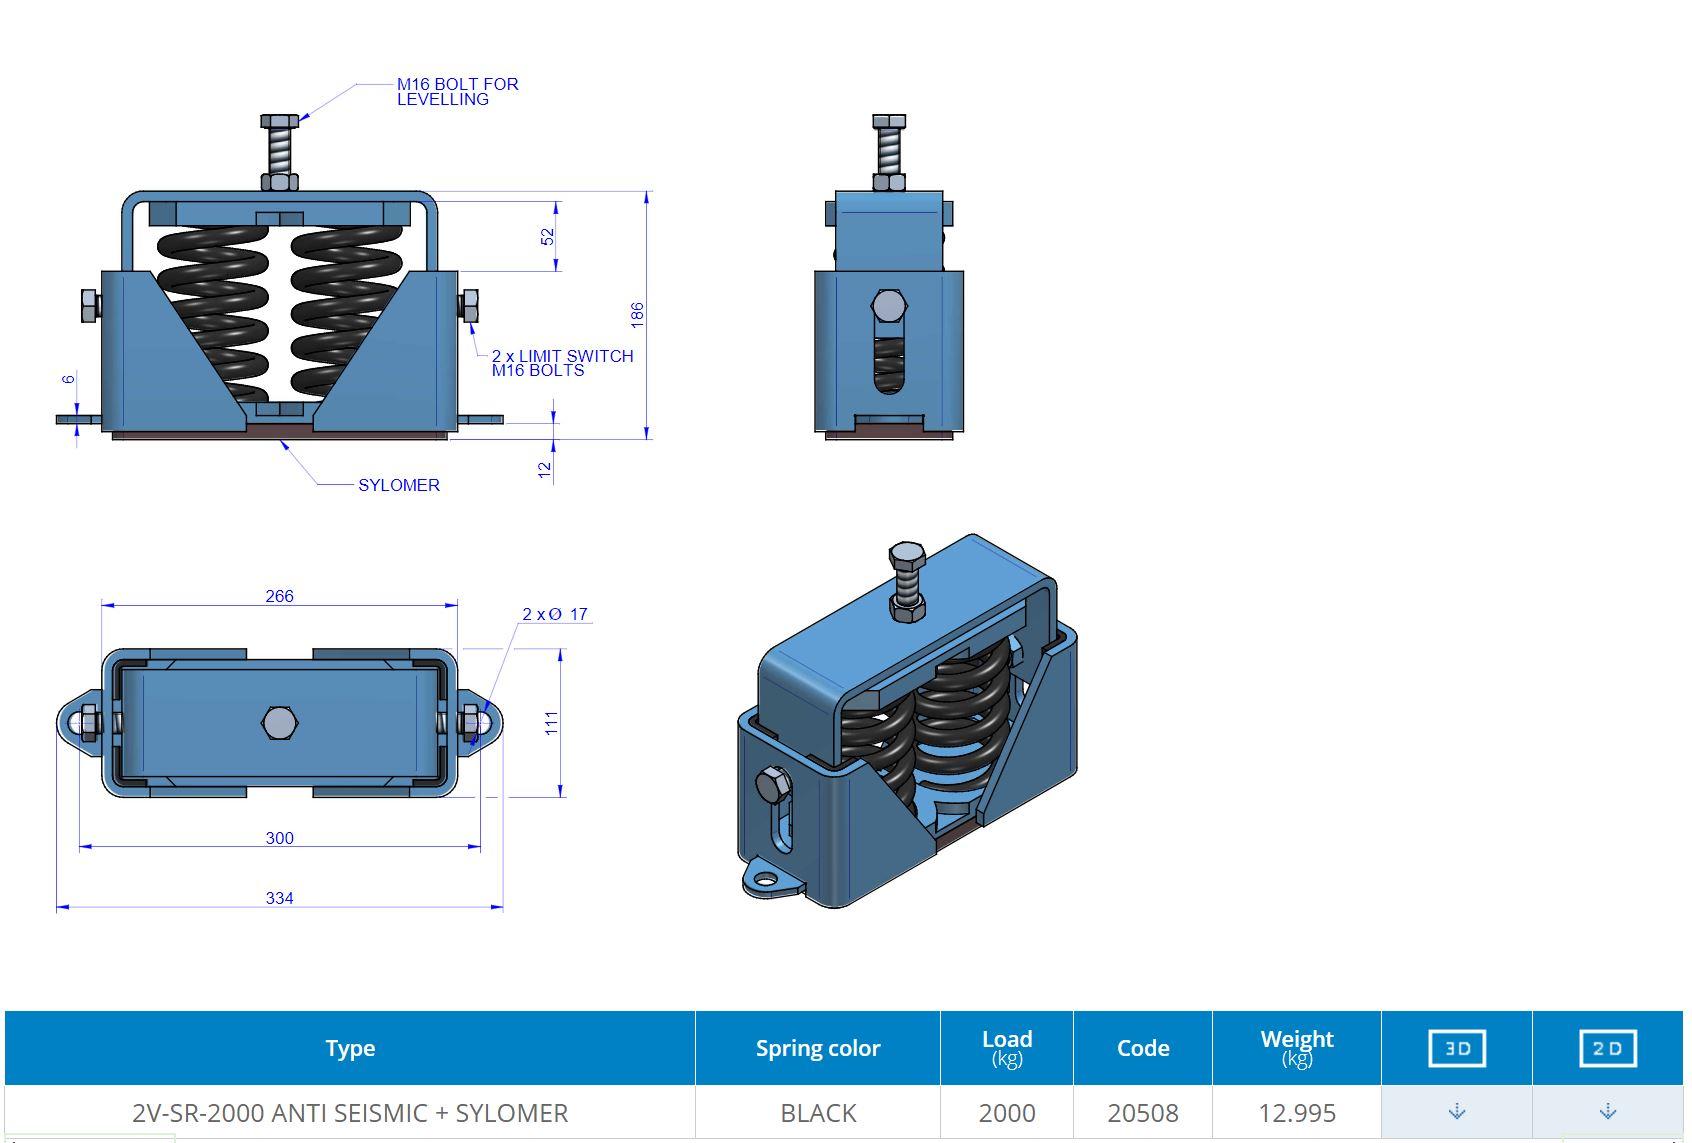 2V-SR-2000 ANTI SEISMIC + SYLOMER